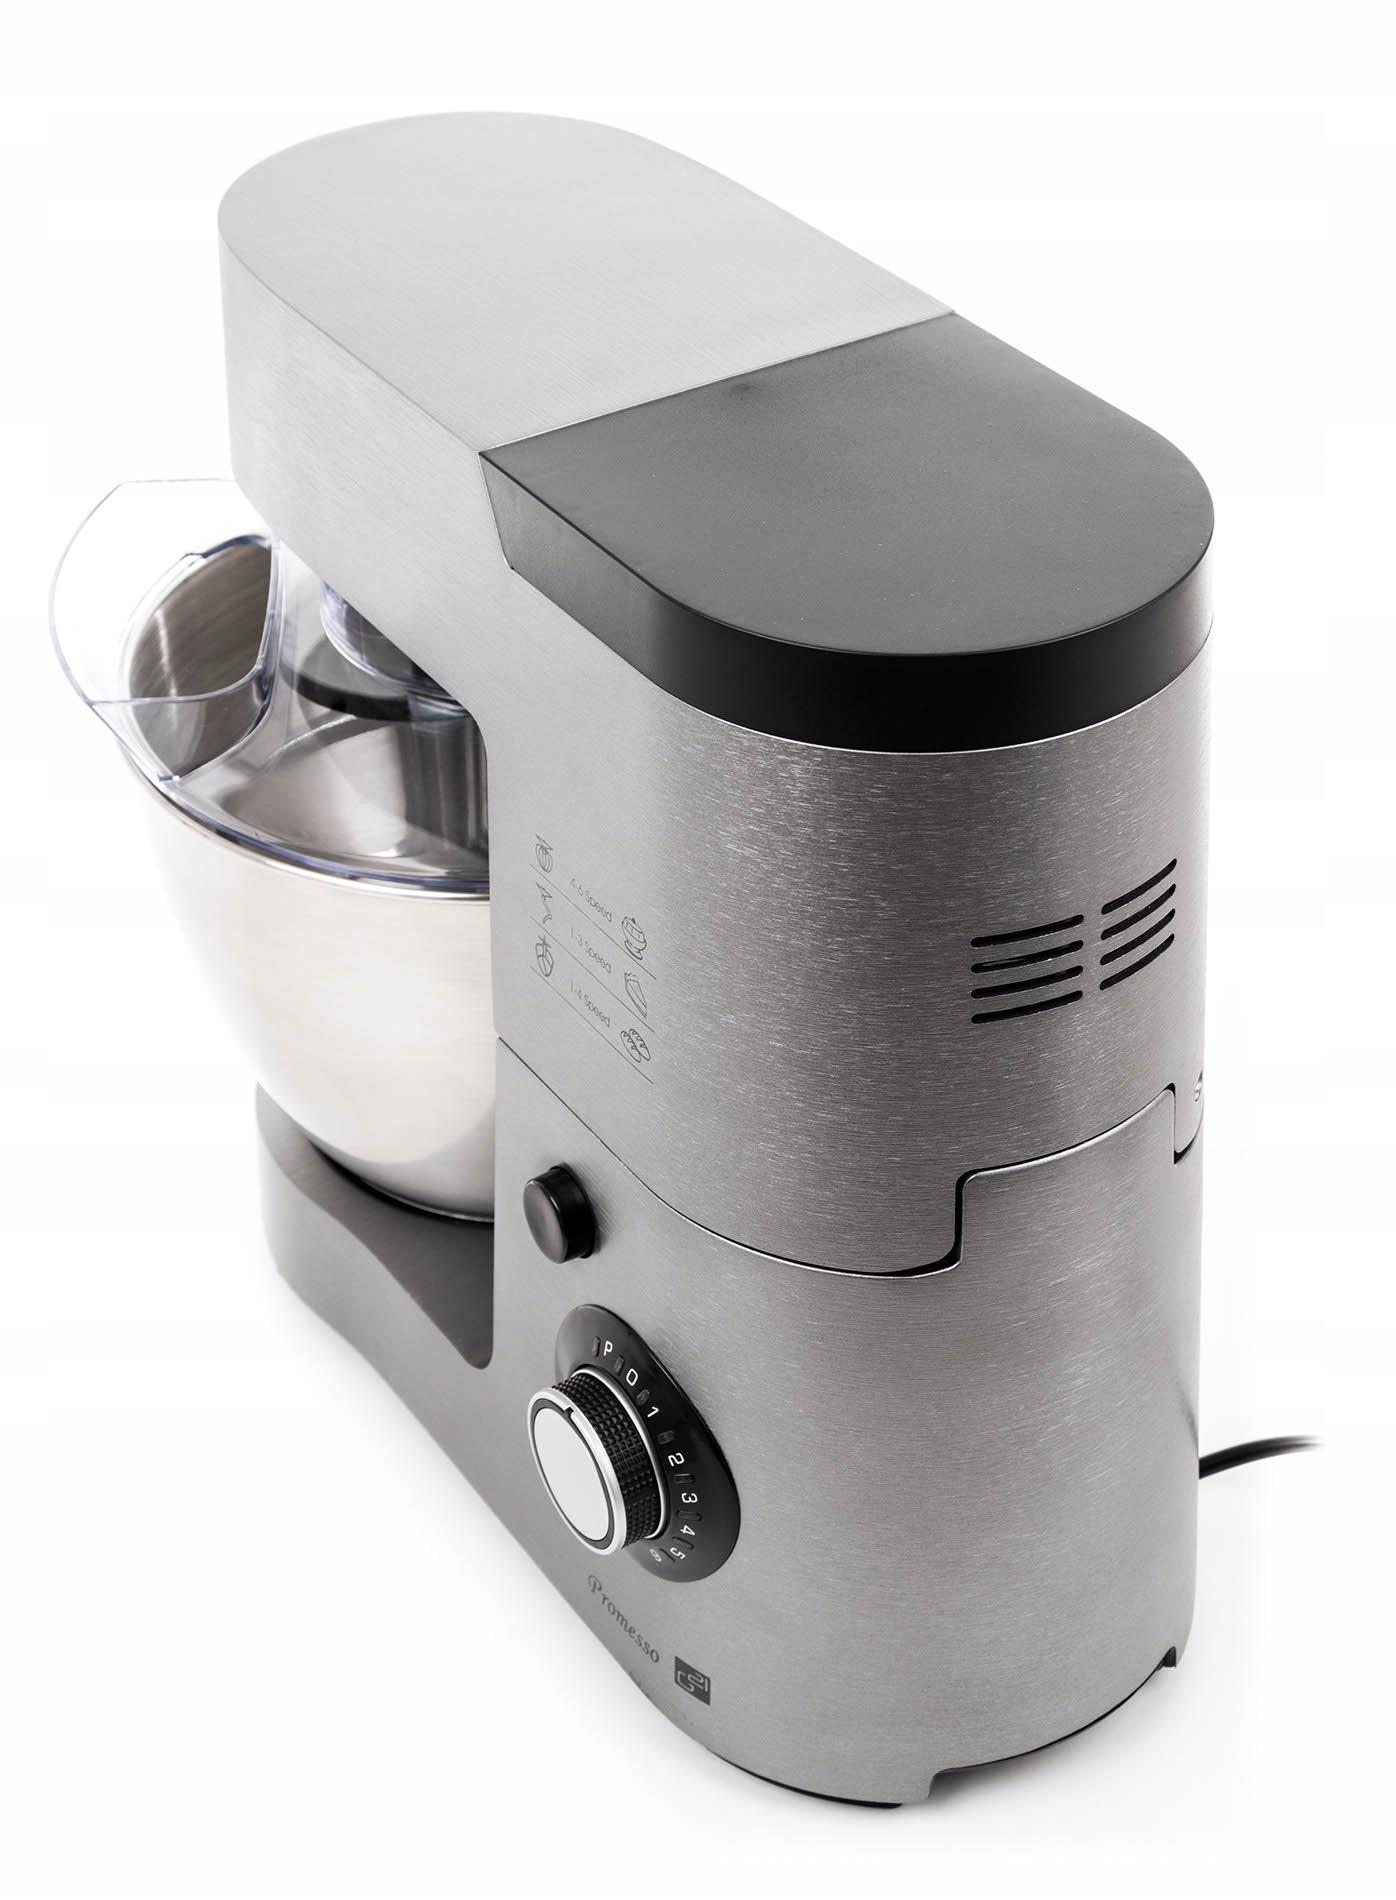 Миксер многофункциональный планетарный для кухонного комбайна Марка G21